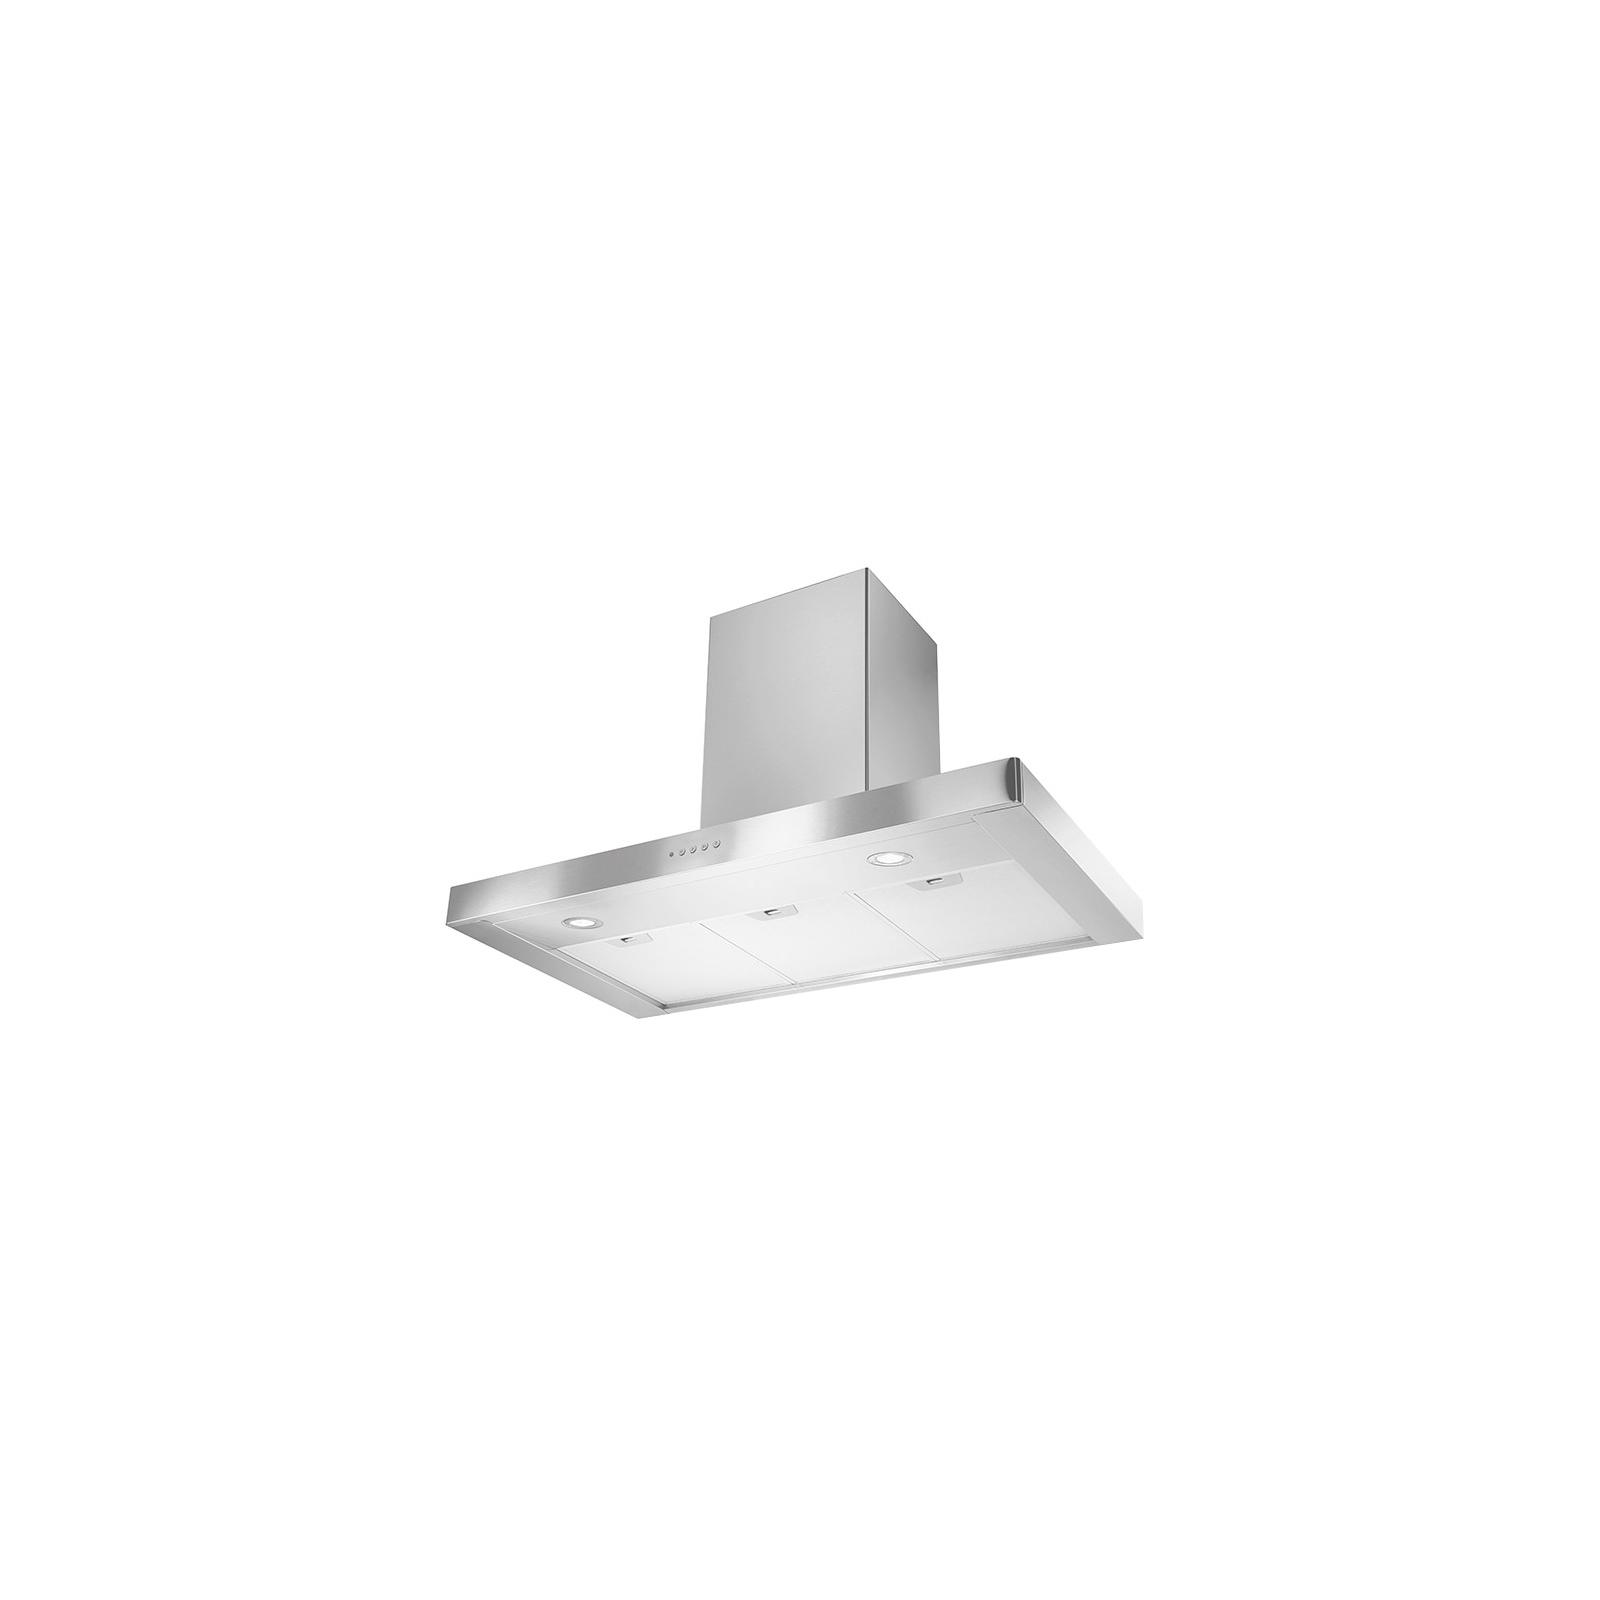 Вытяжка кухонная Faber STILO/SP EV8 X A90 (STILO/SPEV8XA90)